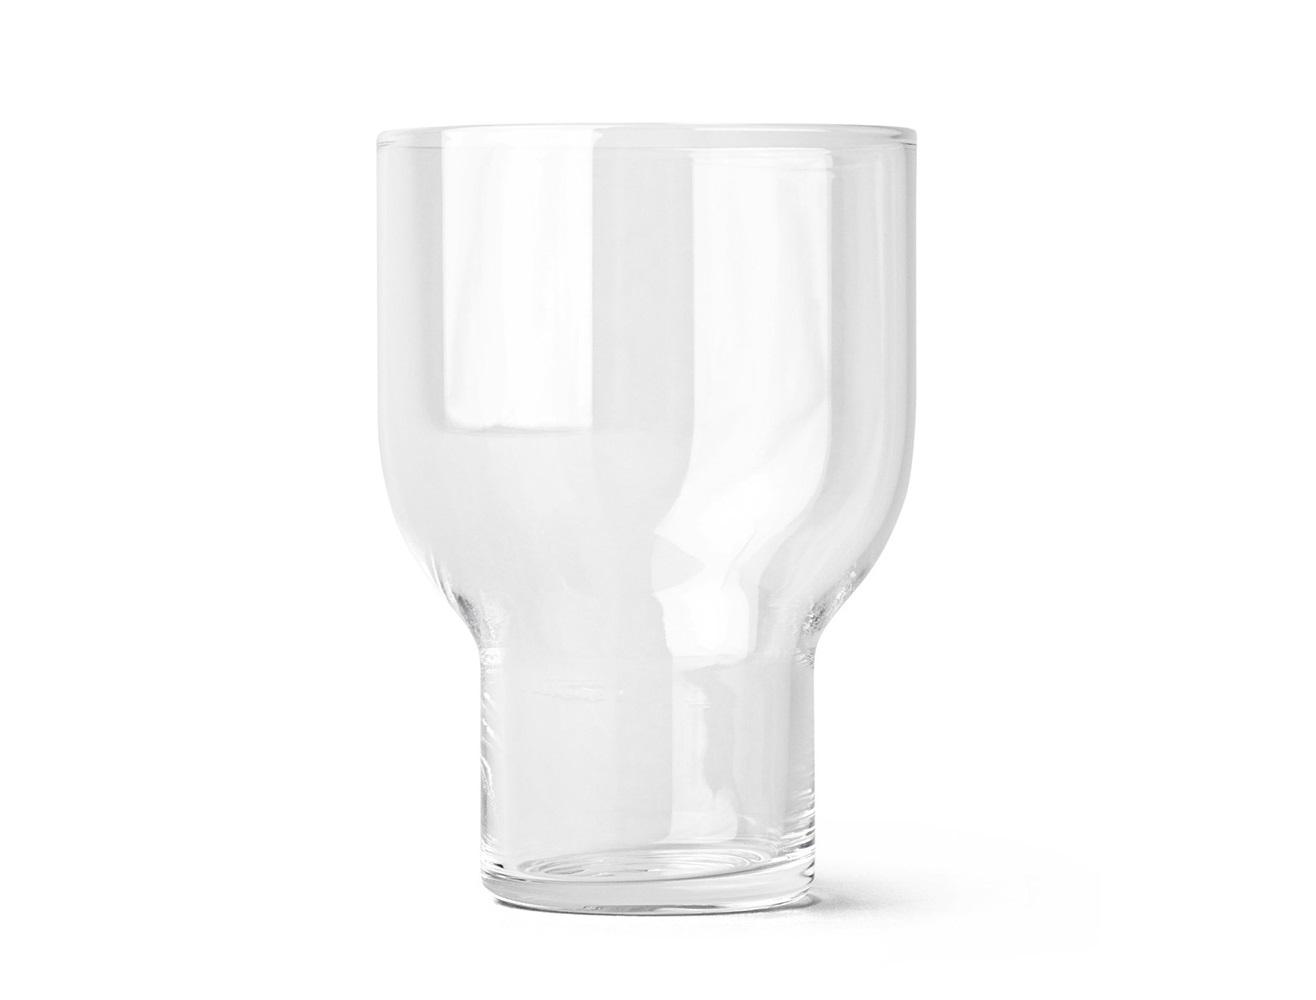 Бокал MenuБокалы<br>Бокал от Menu Design станет вашим любимым бокалом как для простого обеда, так и для сервировки стола для приёма гостей. Его отличают симпатичный внешний вид, оригинальный дизайн и универсальность для любой сервировки. Каждый бокал сделан вручную из выдувного стекла и является уникальным. Несколько стаканов вставляются друг в друга, что экономит место для хранения. Объём 330 мл подойдёт для пива, сока и других напитков.&amp;lt;div&amp;gt;&amp;lt;br&amp;gt;&amp;lt;/div&amp;gt;&amp;lt;div&amp;gt;Объем:&amp;amp;nbsp;330 мл.&amp;lt;/div&amp;gt;<br><br>Material: Стекло<br>Depth см: None<br>Height см: 12<br>Diameter см: 8